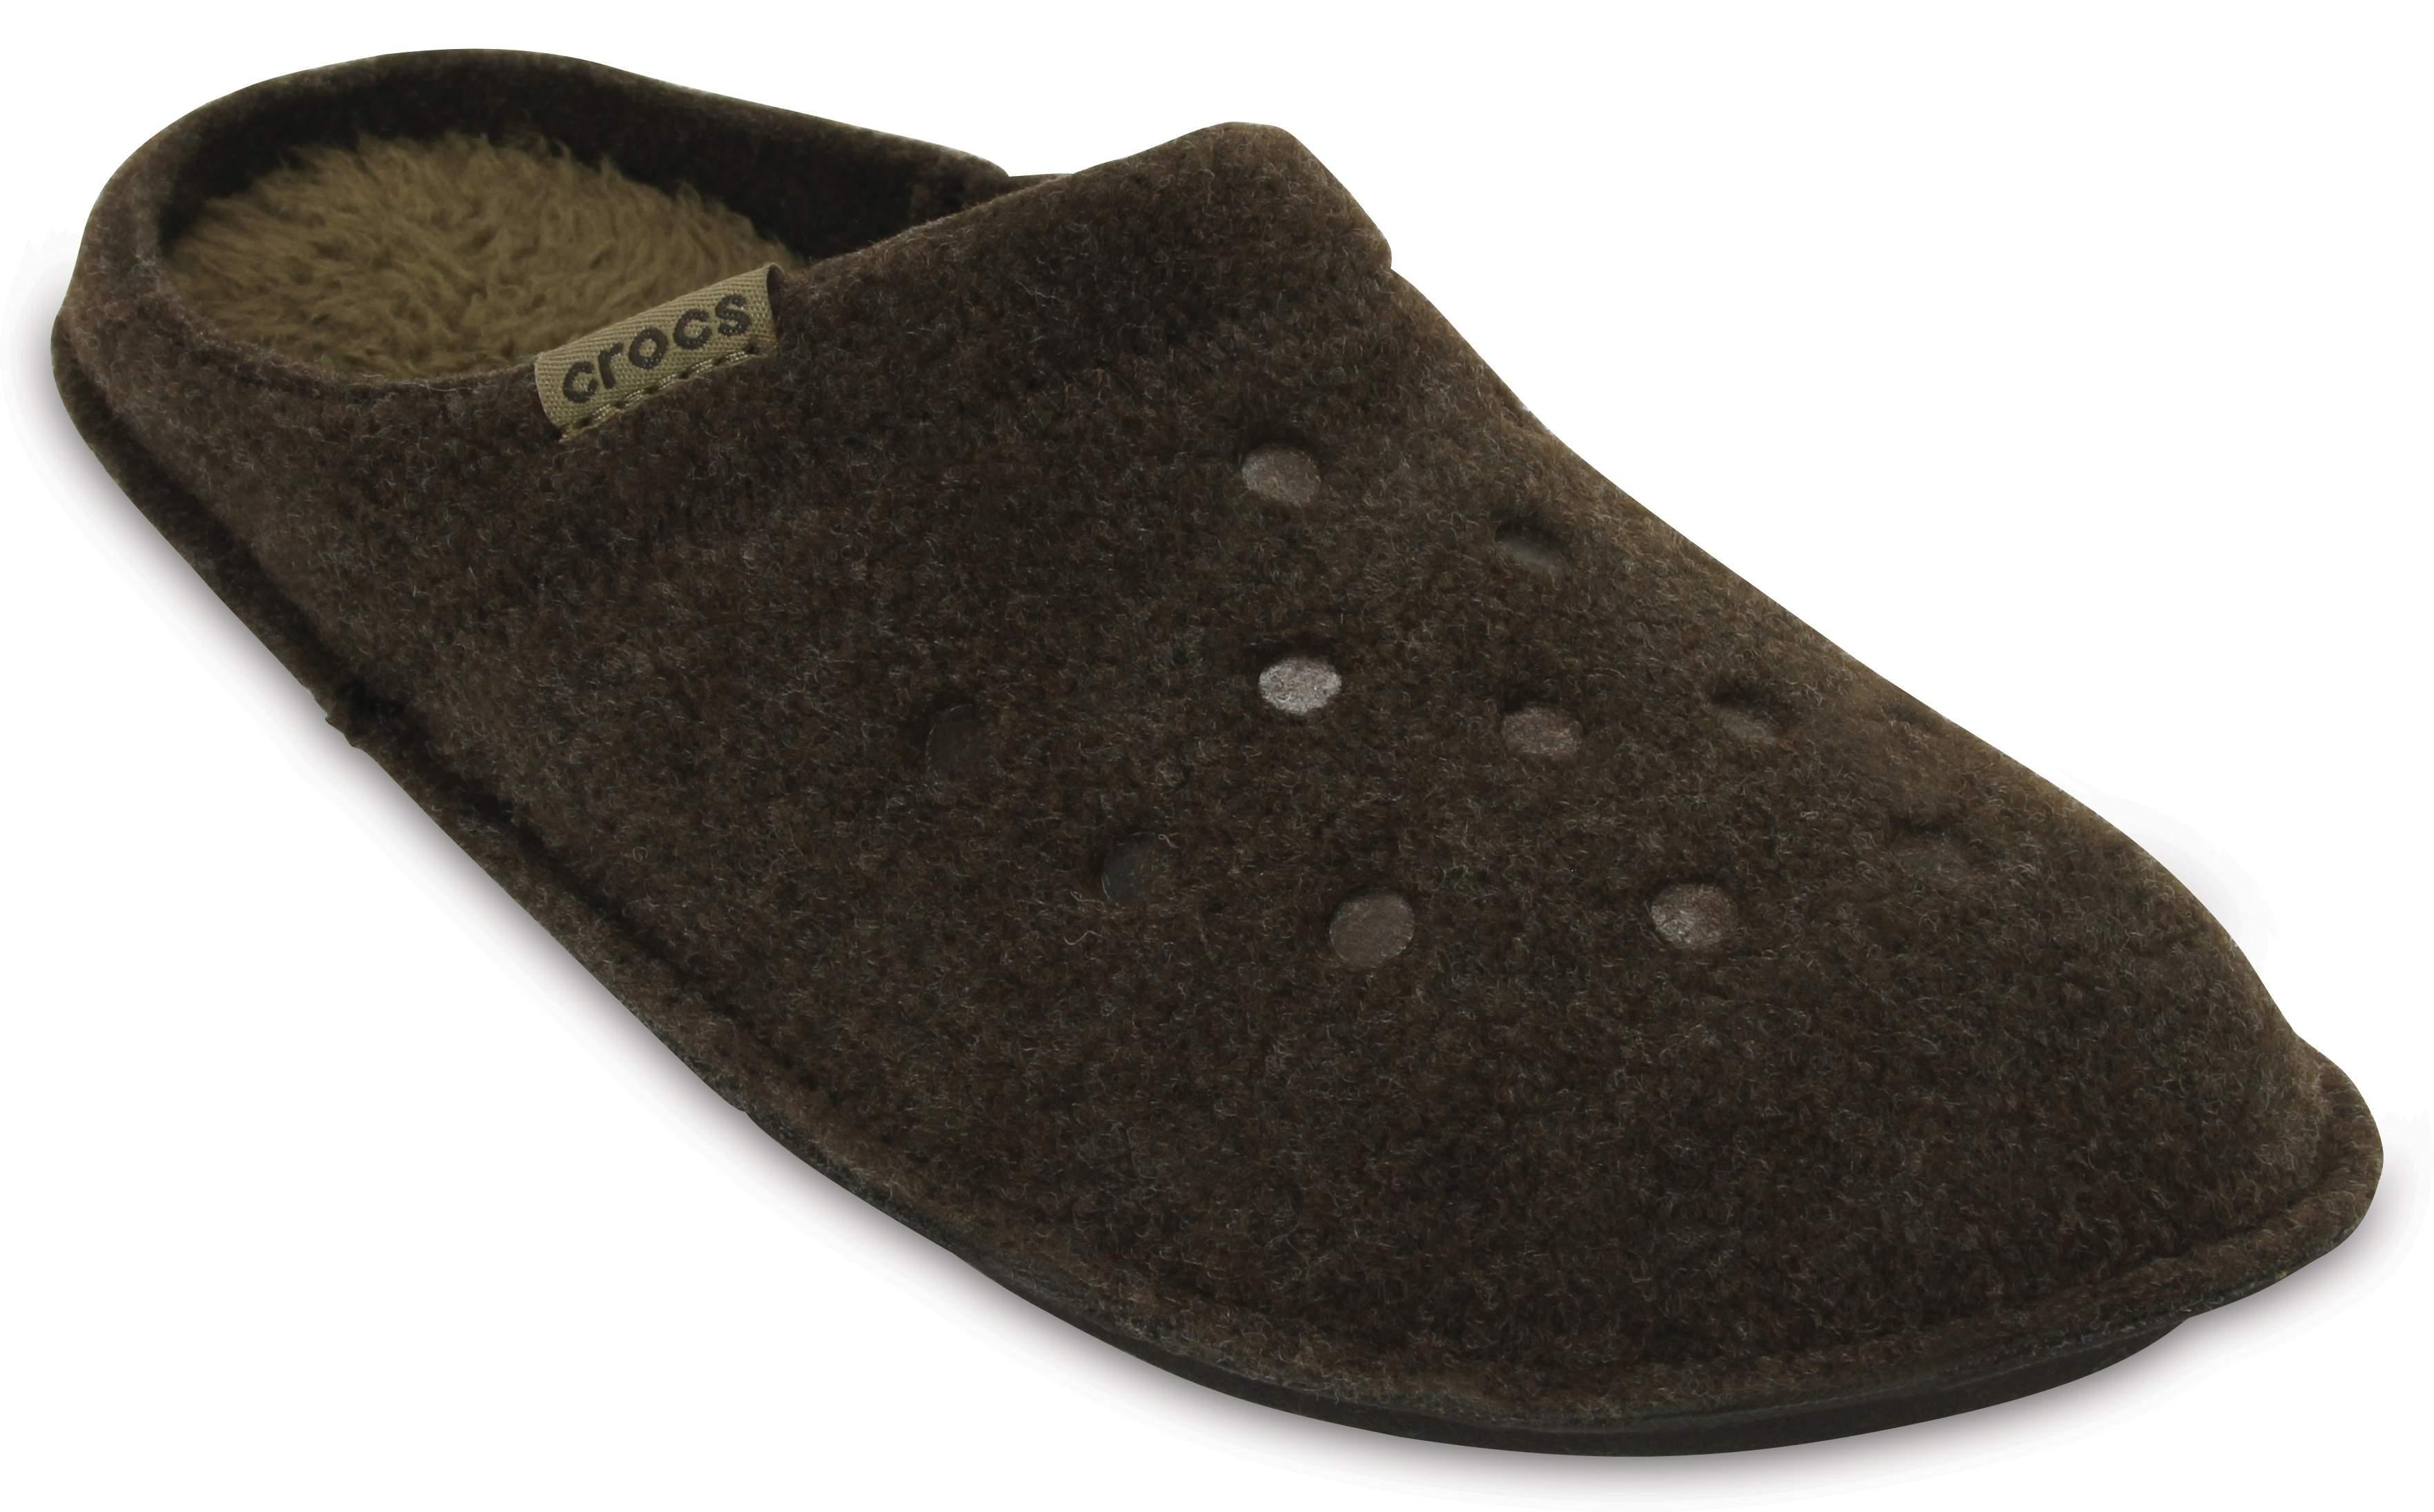 Pantoufles Classic slipper espresso - Crocs nQXmHCRJTA